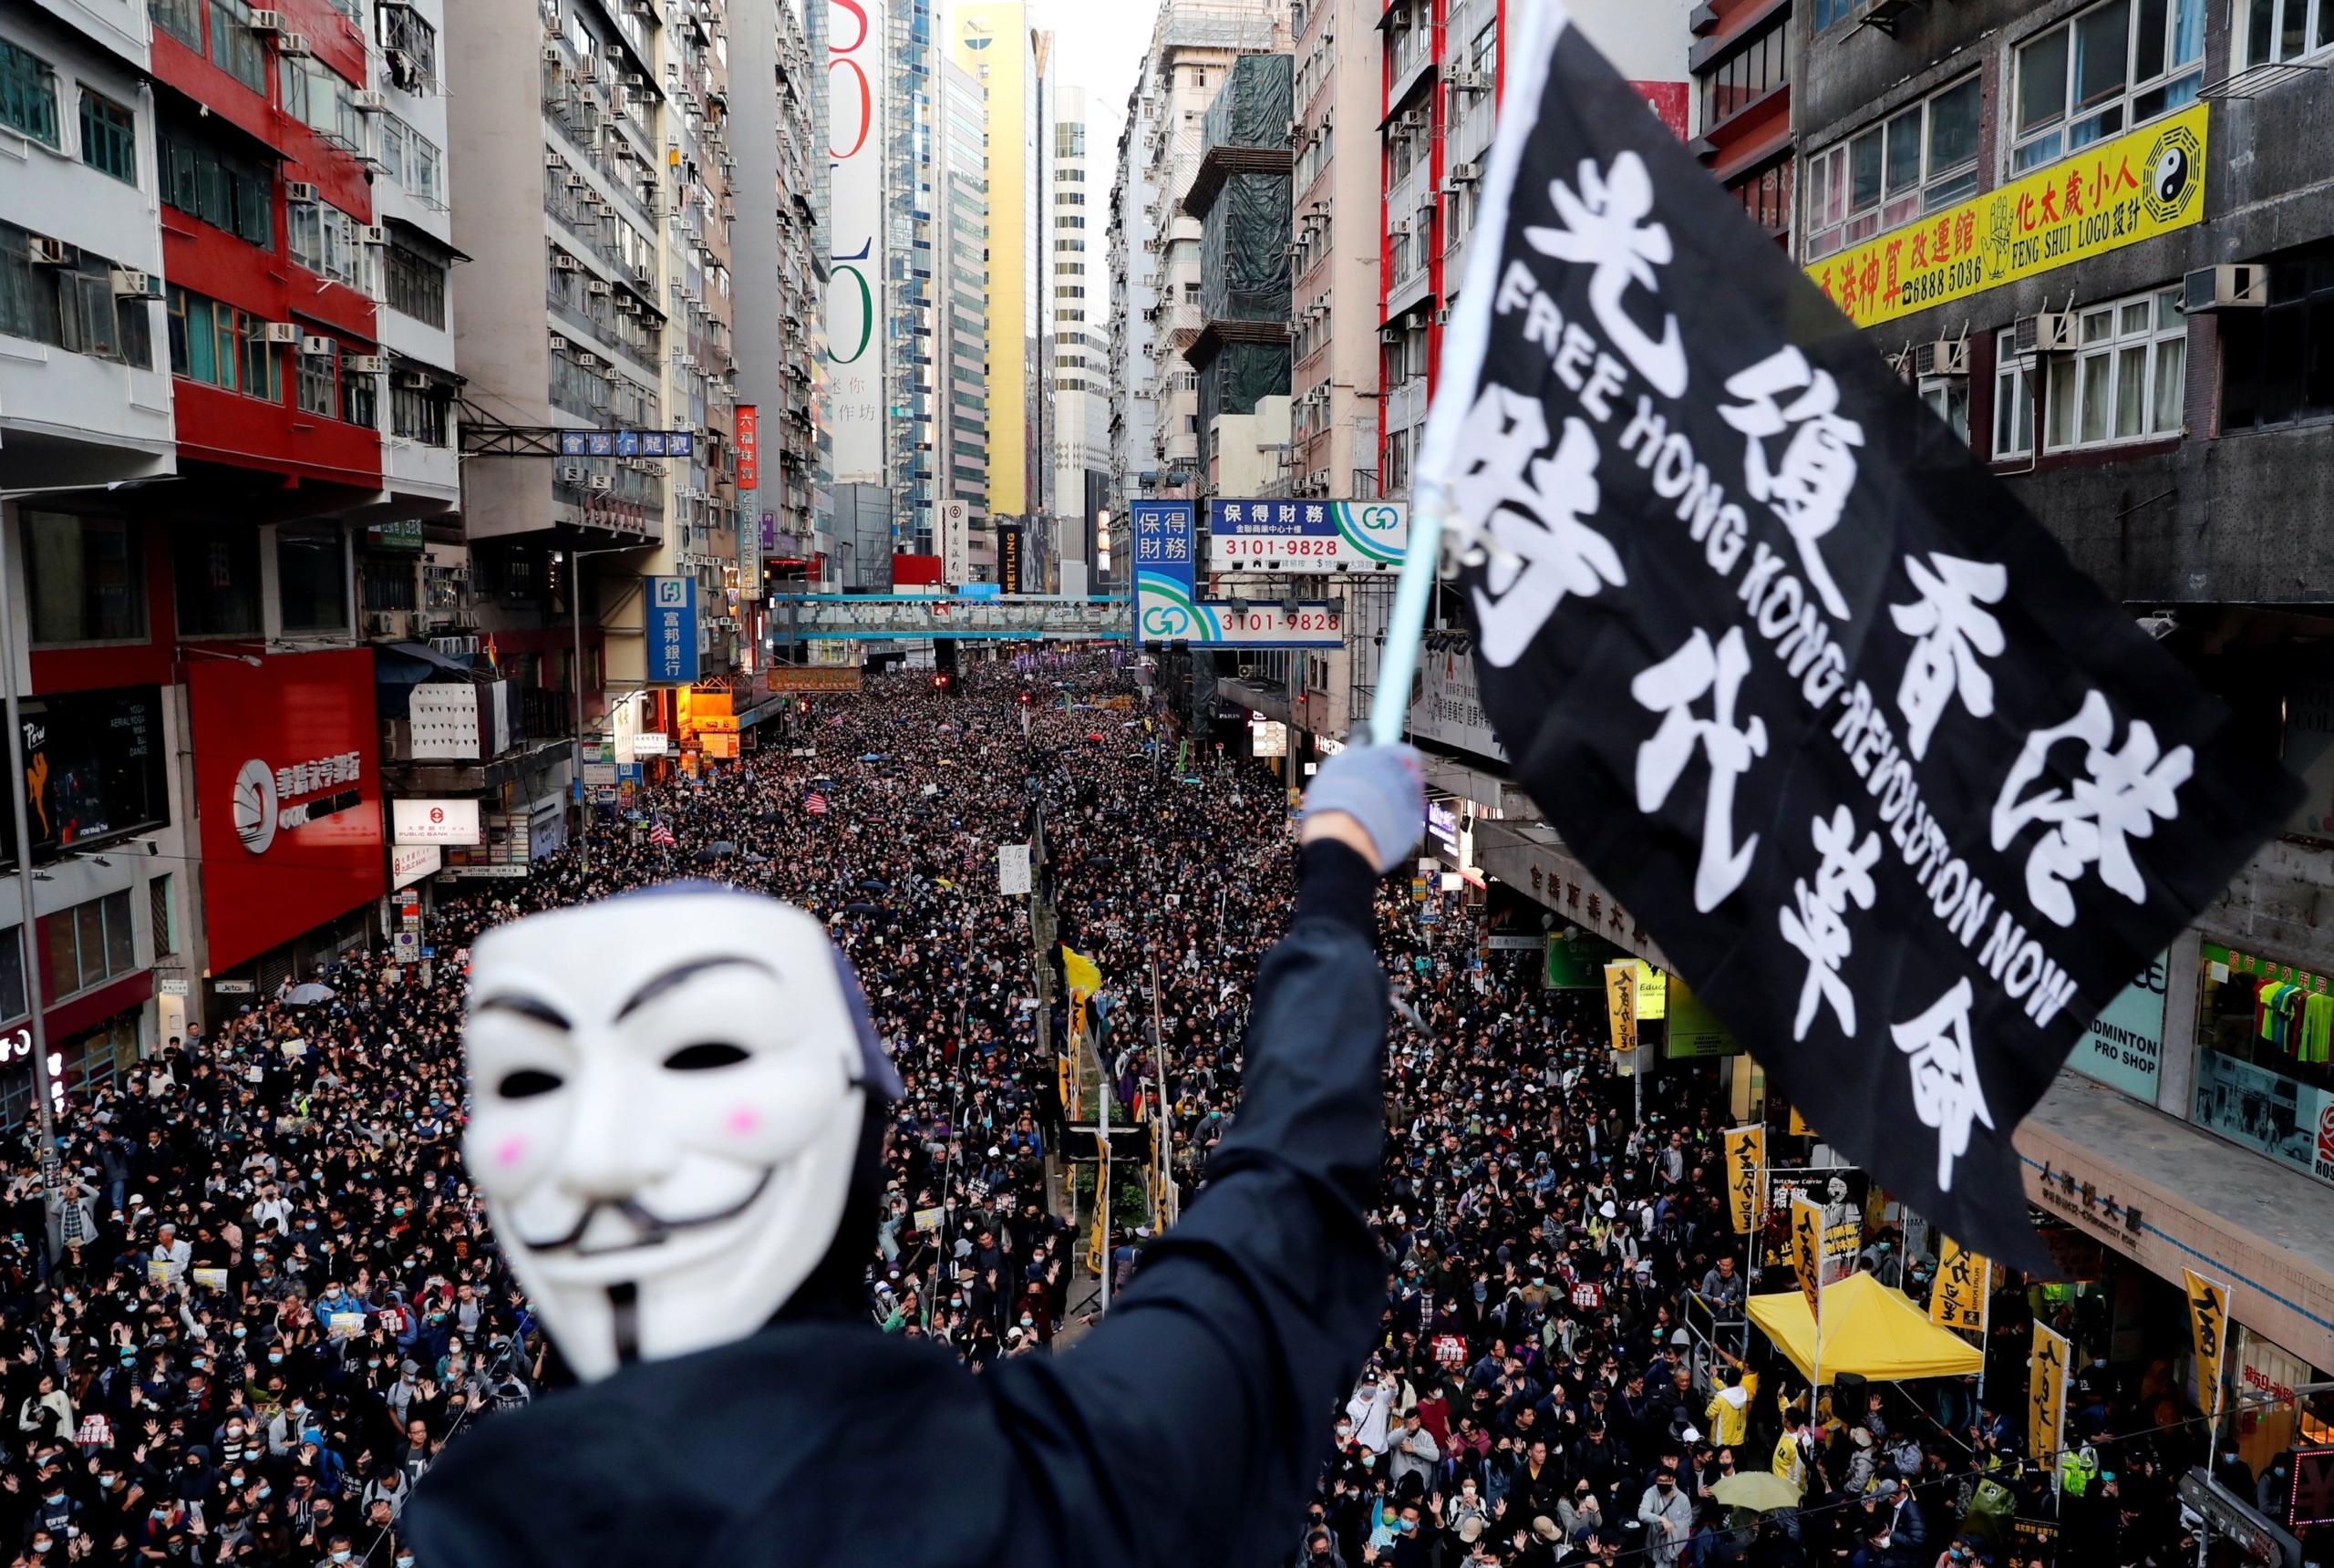 ¿Por qué no vemos más las protestas en Hong Kong? 5 claves para comprender lo sucedido